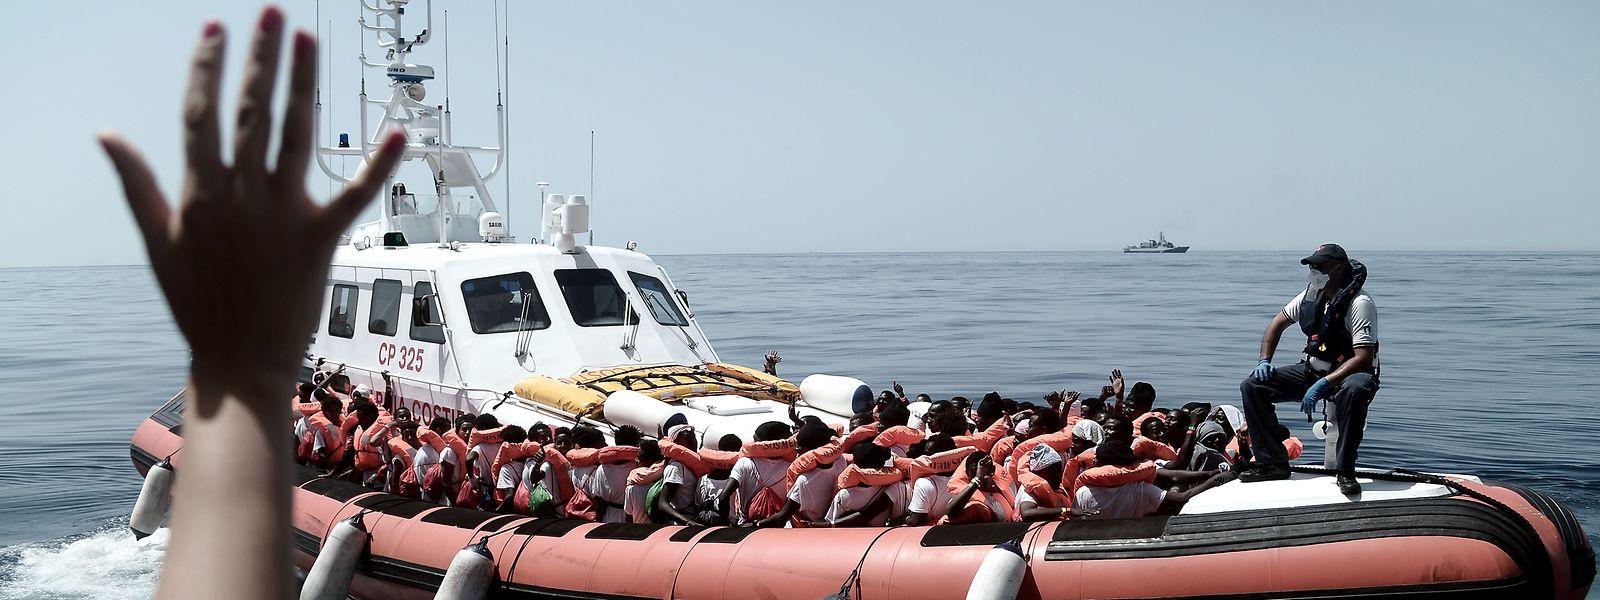 Des migrants transférés de l'Aquarius vers un bateau de délestage.